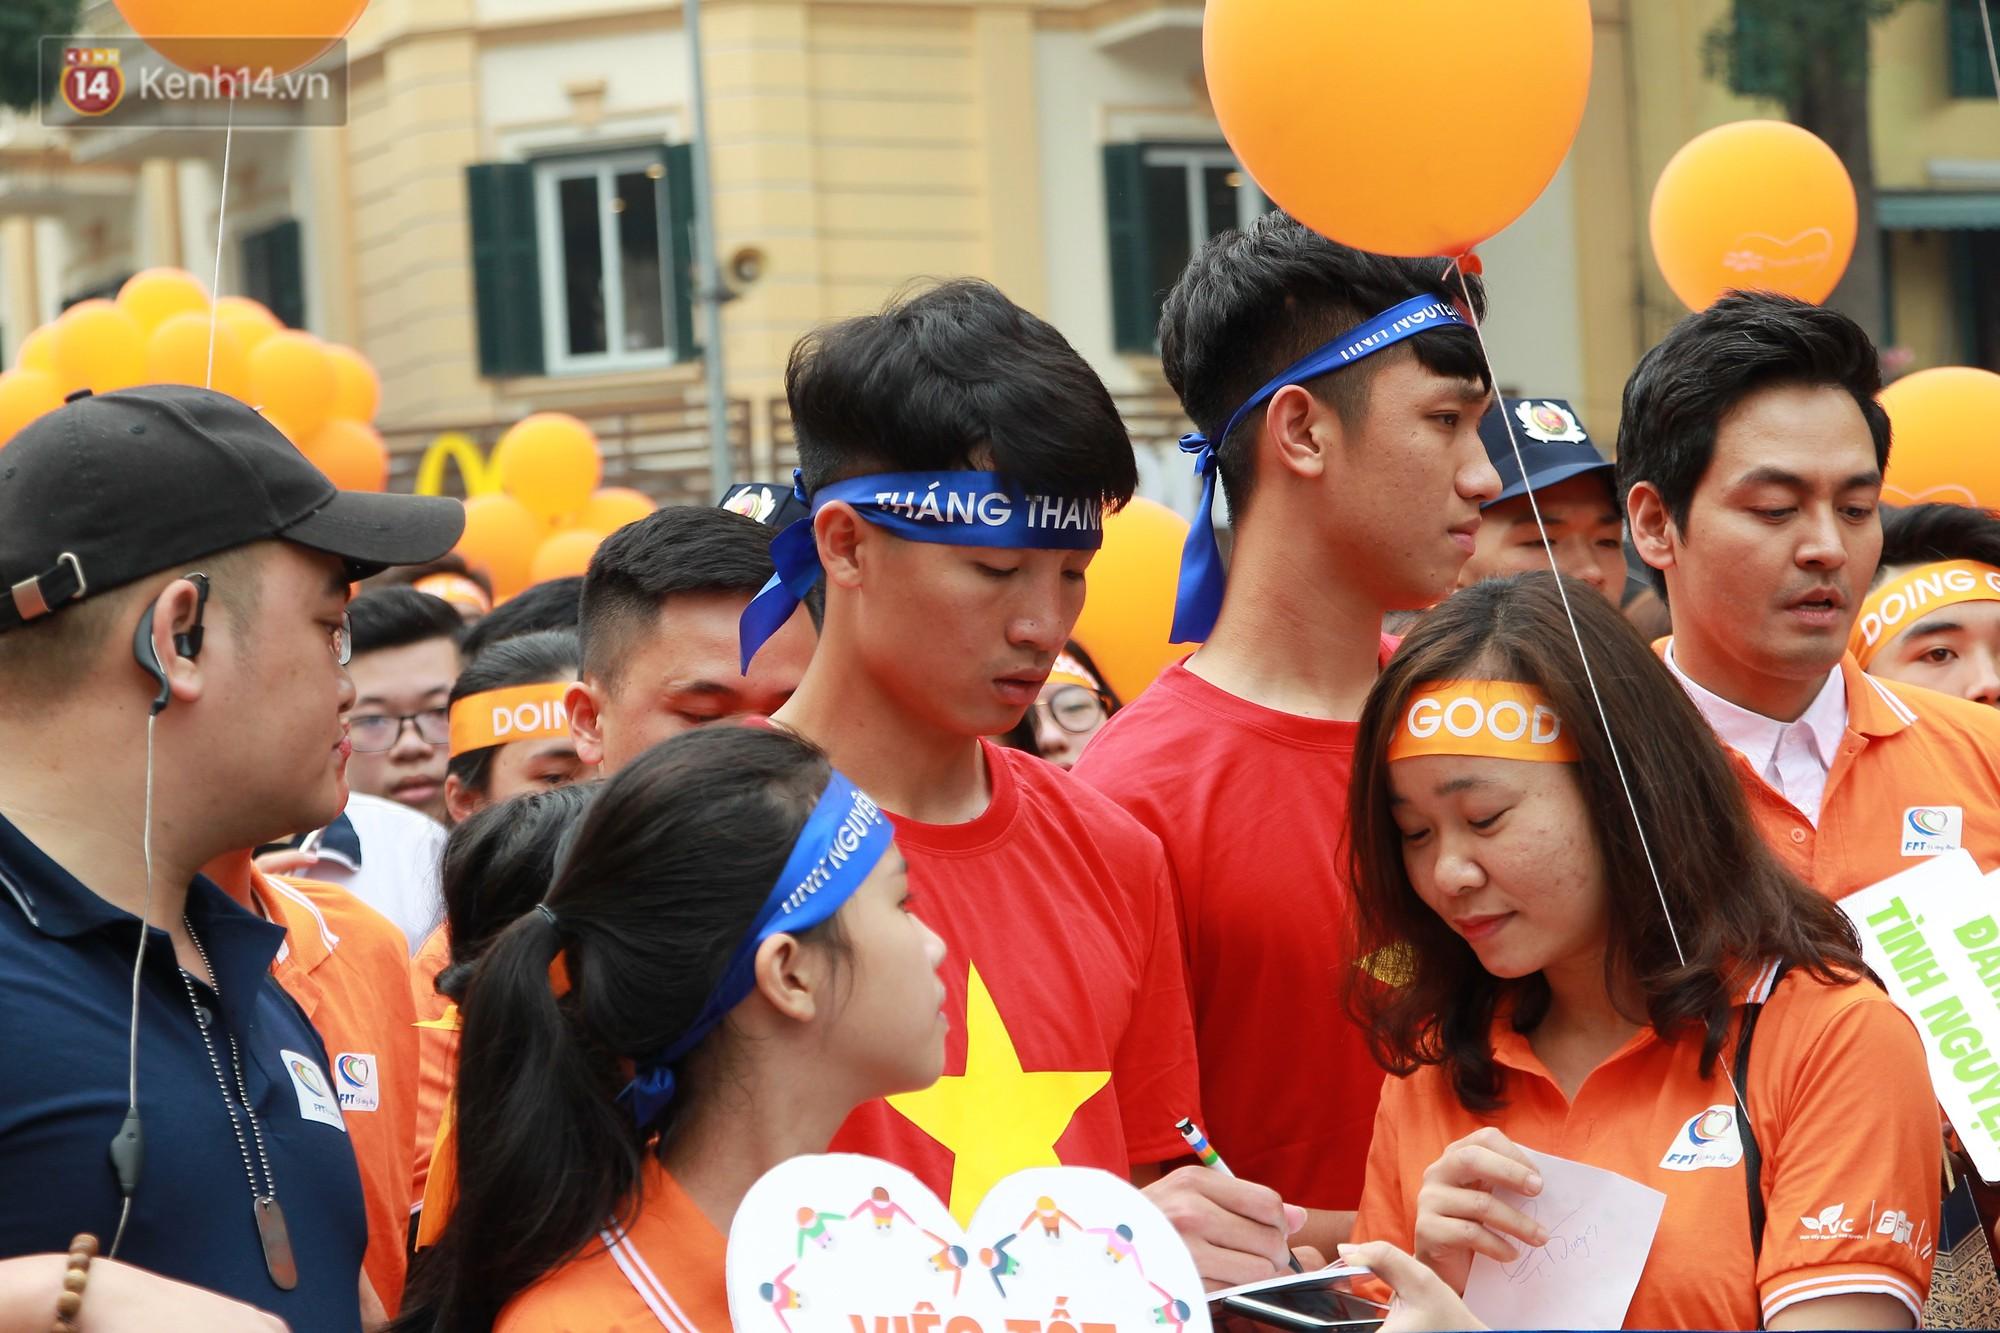 Phố đi bộ Hồ Gươm tắc nghẽn khi Trọng Đại, Tiến Dũng U23 cùng 5000 người dân tham gia ngày hội tình nguyện - Ảnh 7.